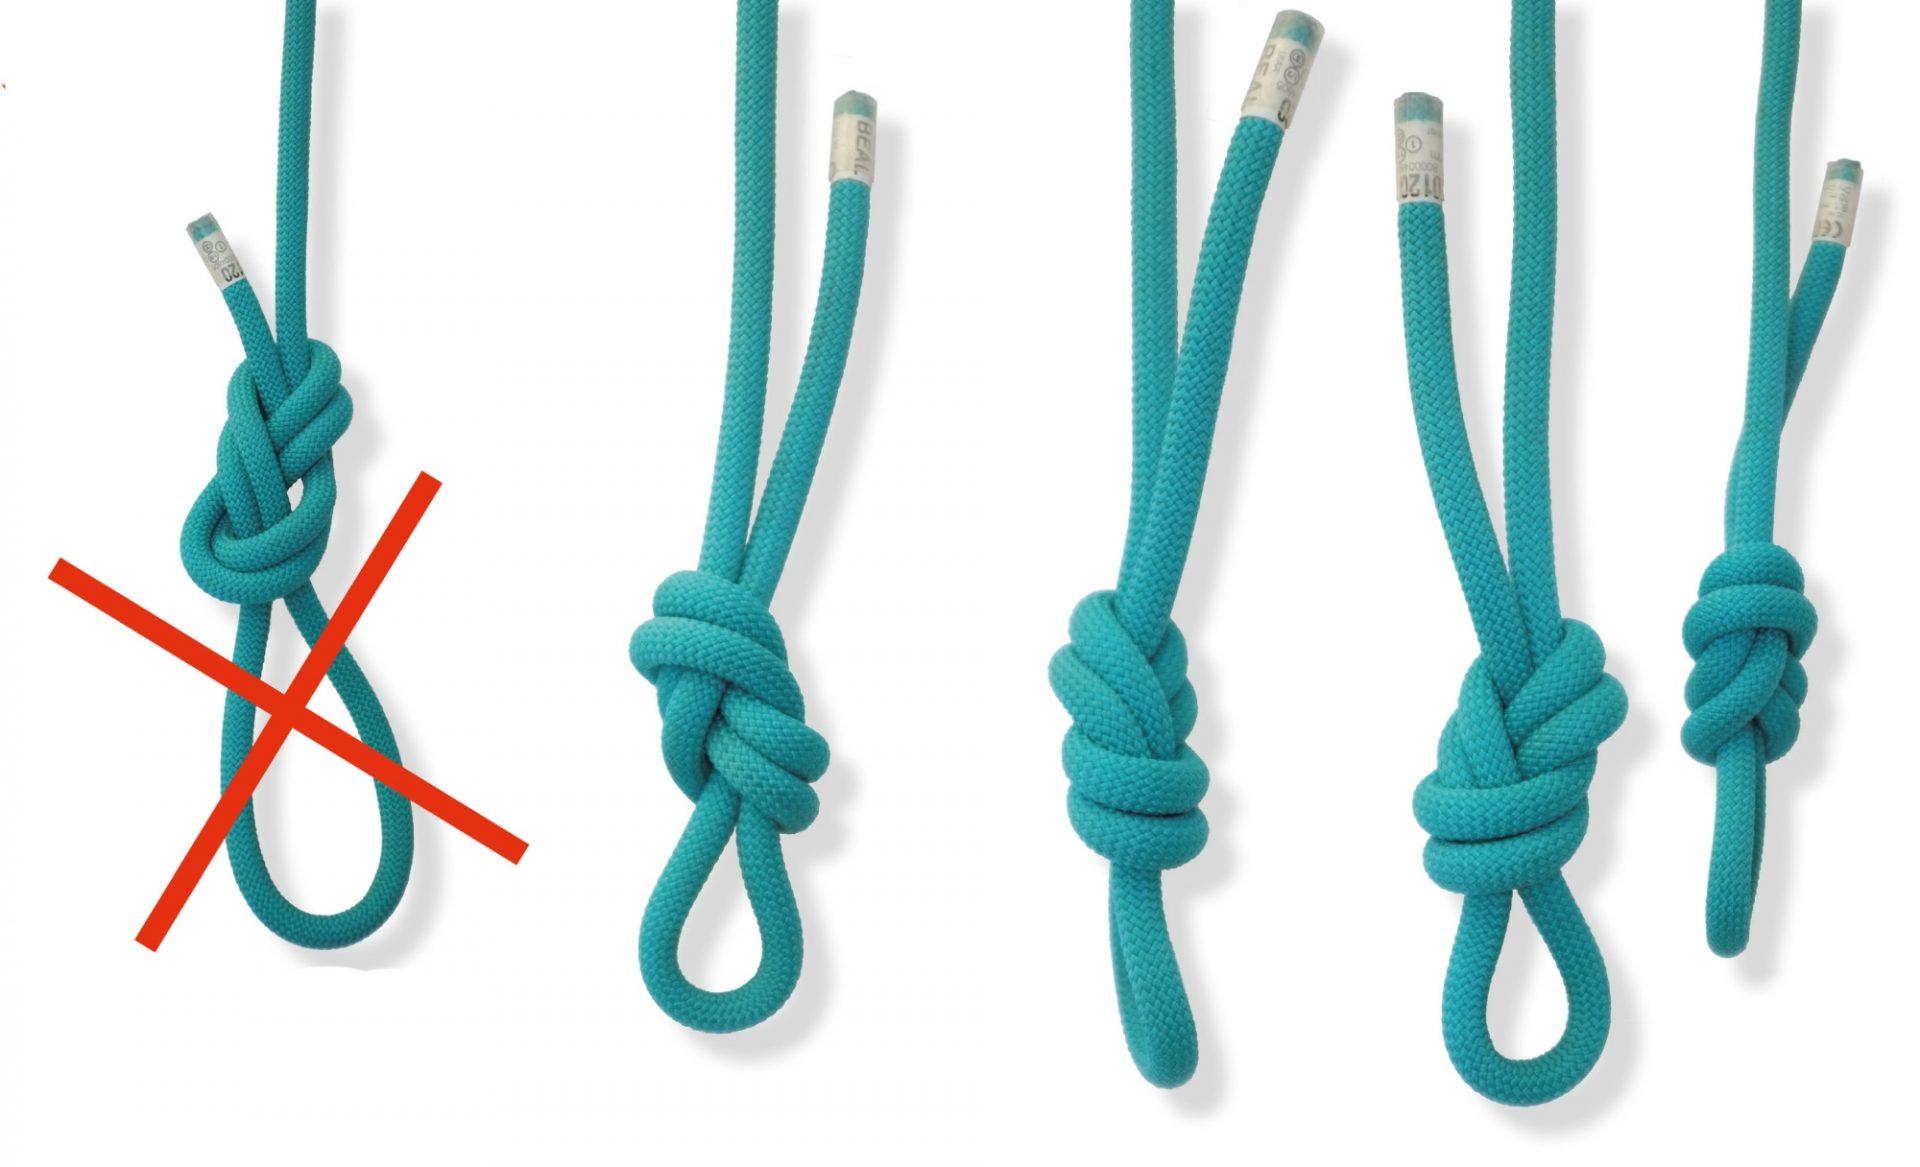 Bergsteigertipp: 8-ung! Richtig Knoten